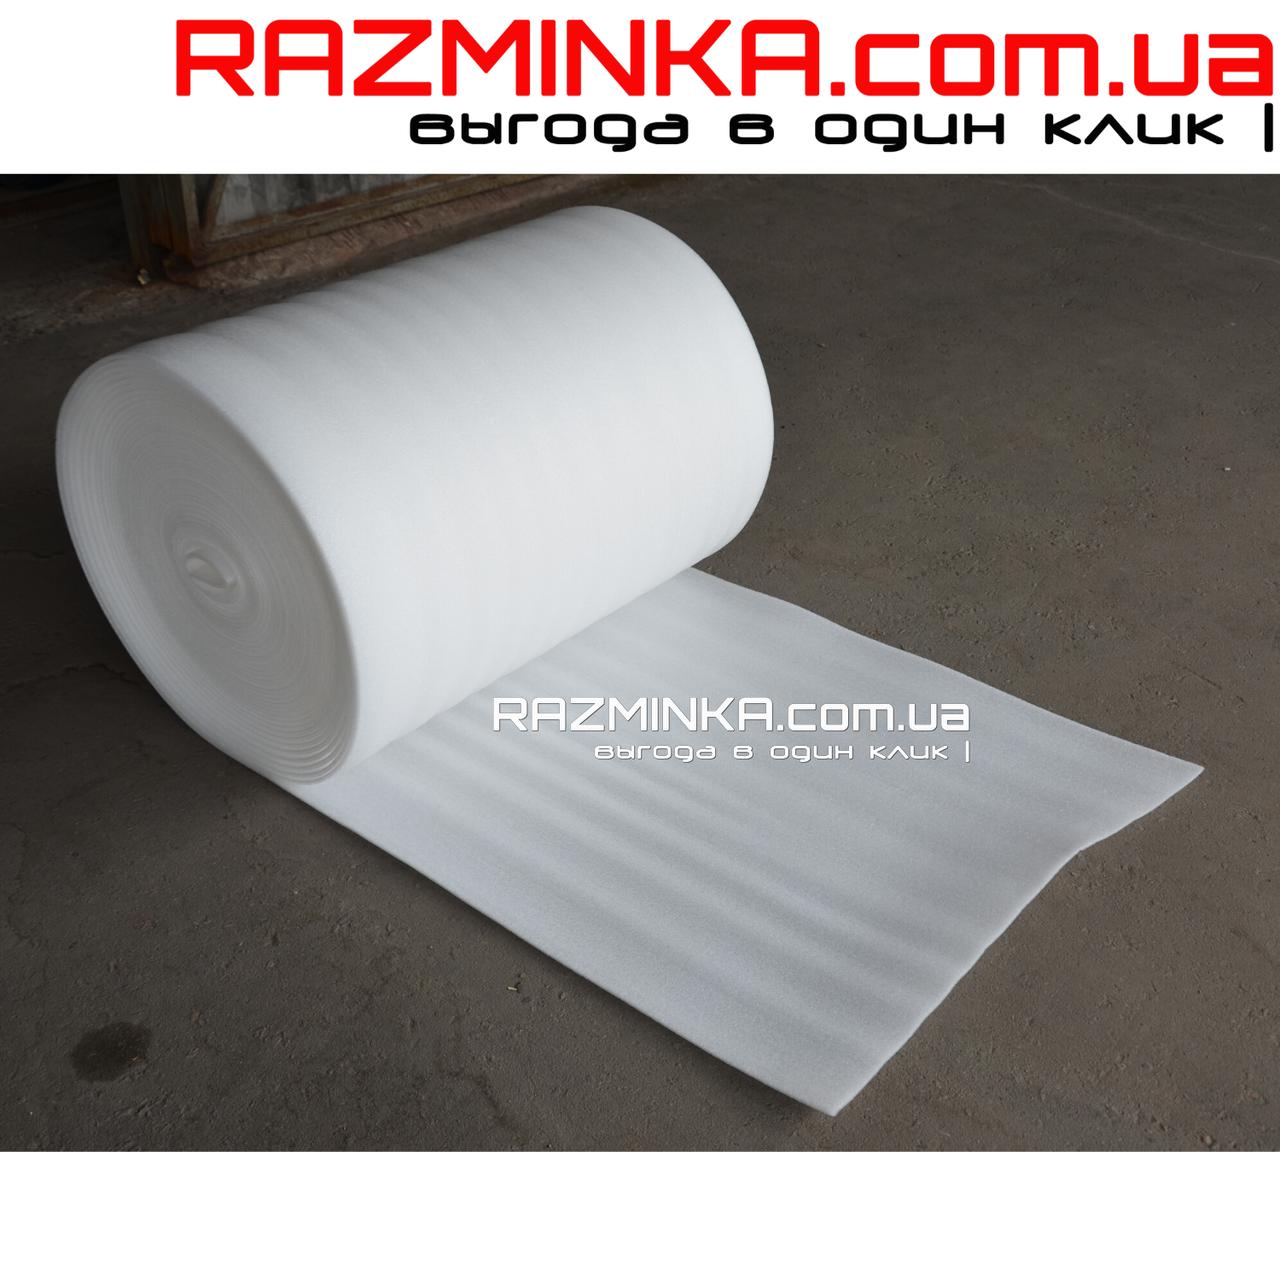 Газовспененный полиэтилен 4мм, рулон 50м² (пенополиэтилен НПЭ)